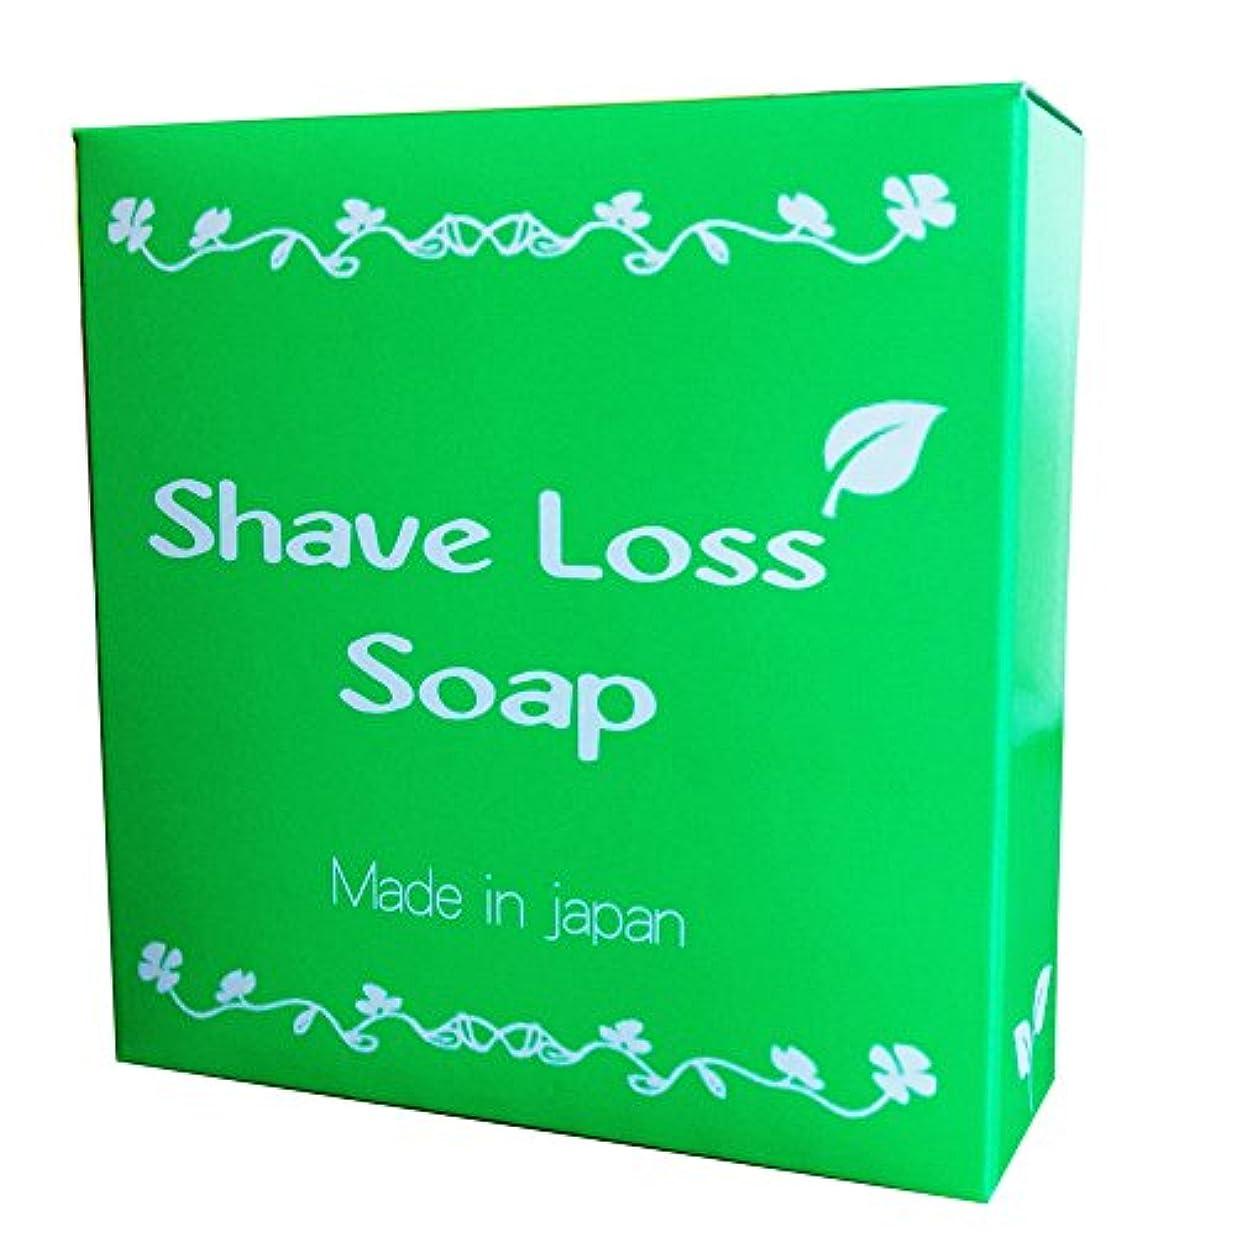 移民甘やかす症状Shave Loss Soap 女性のツルツルを叶える 奇跡の石鹸 80g (1個)